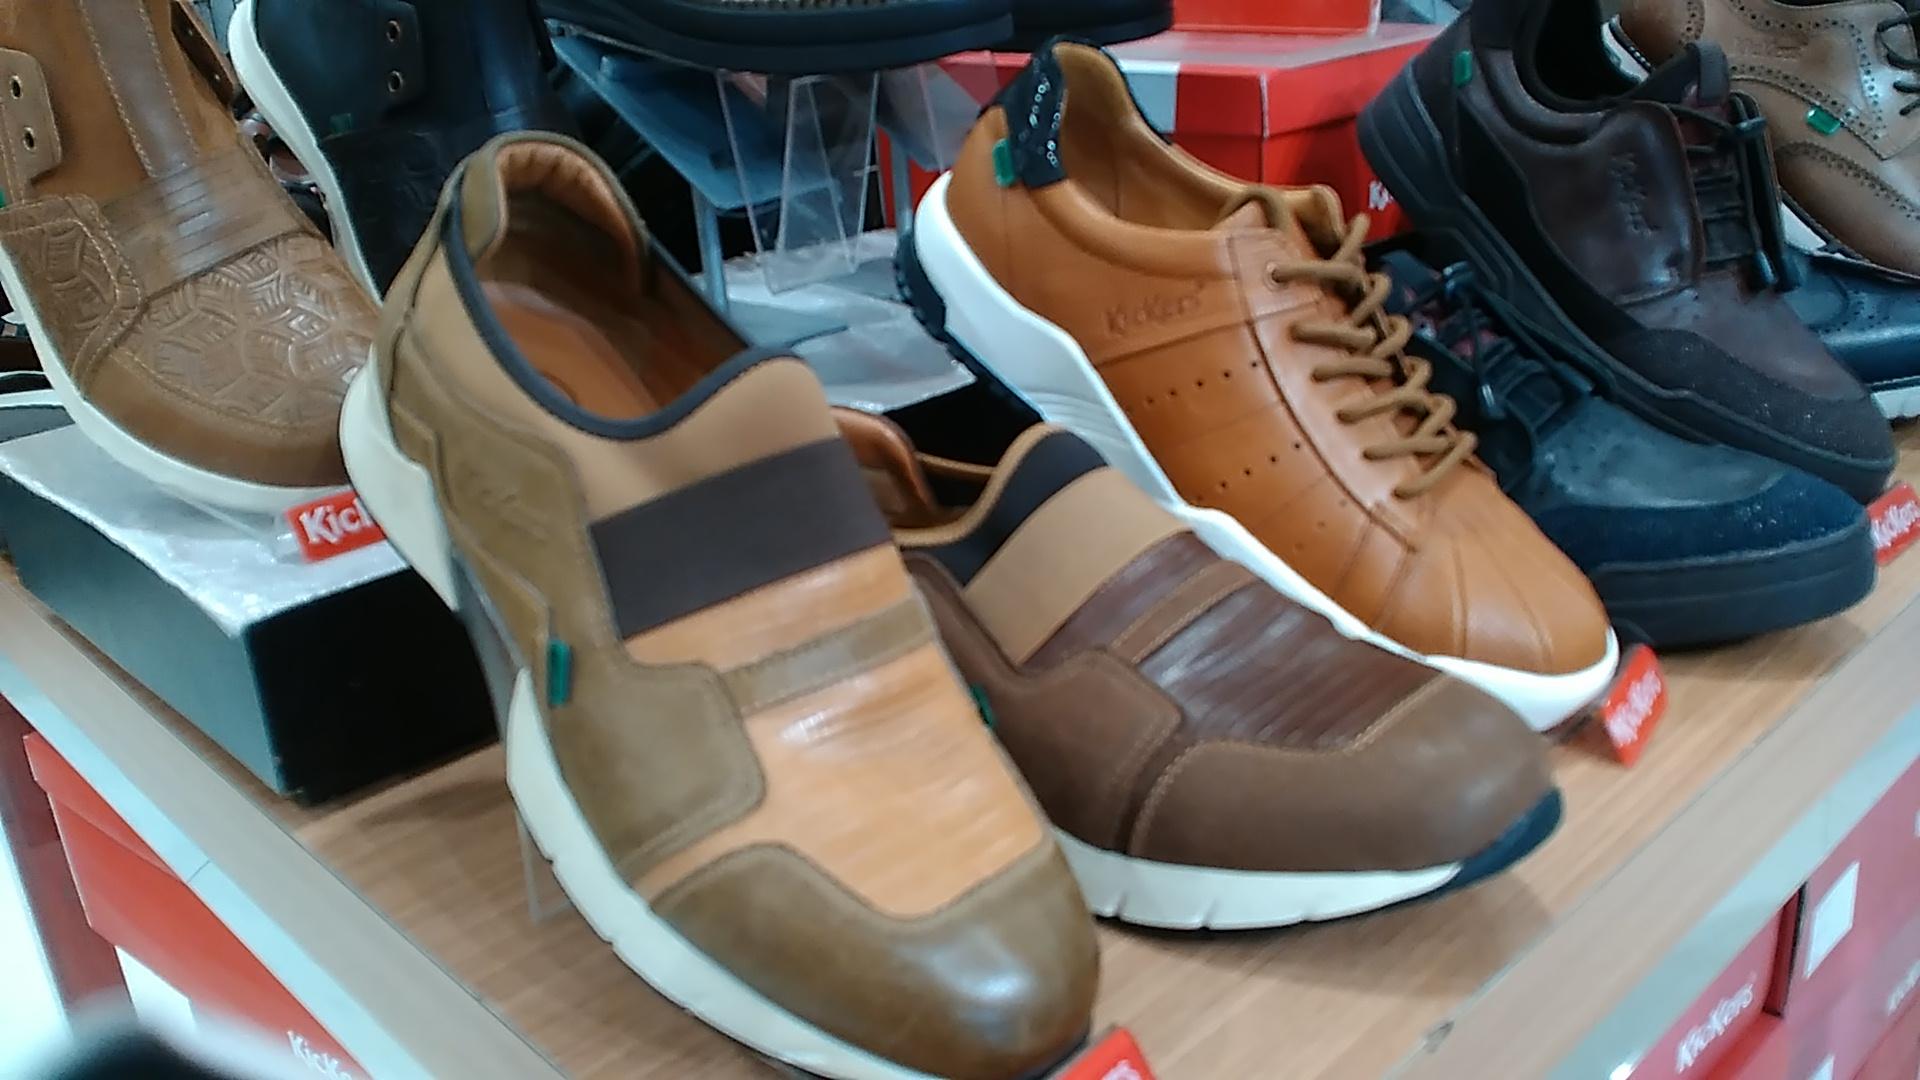 Sepatu asli di sebuah toko besar di Balikpapan yang memberi diskon 30 persen. Foto: dok. pribadi